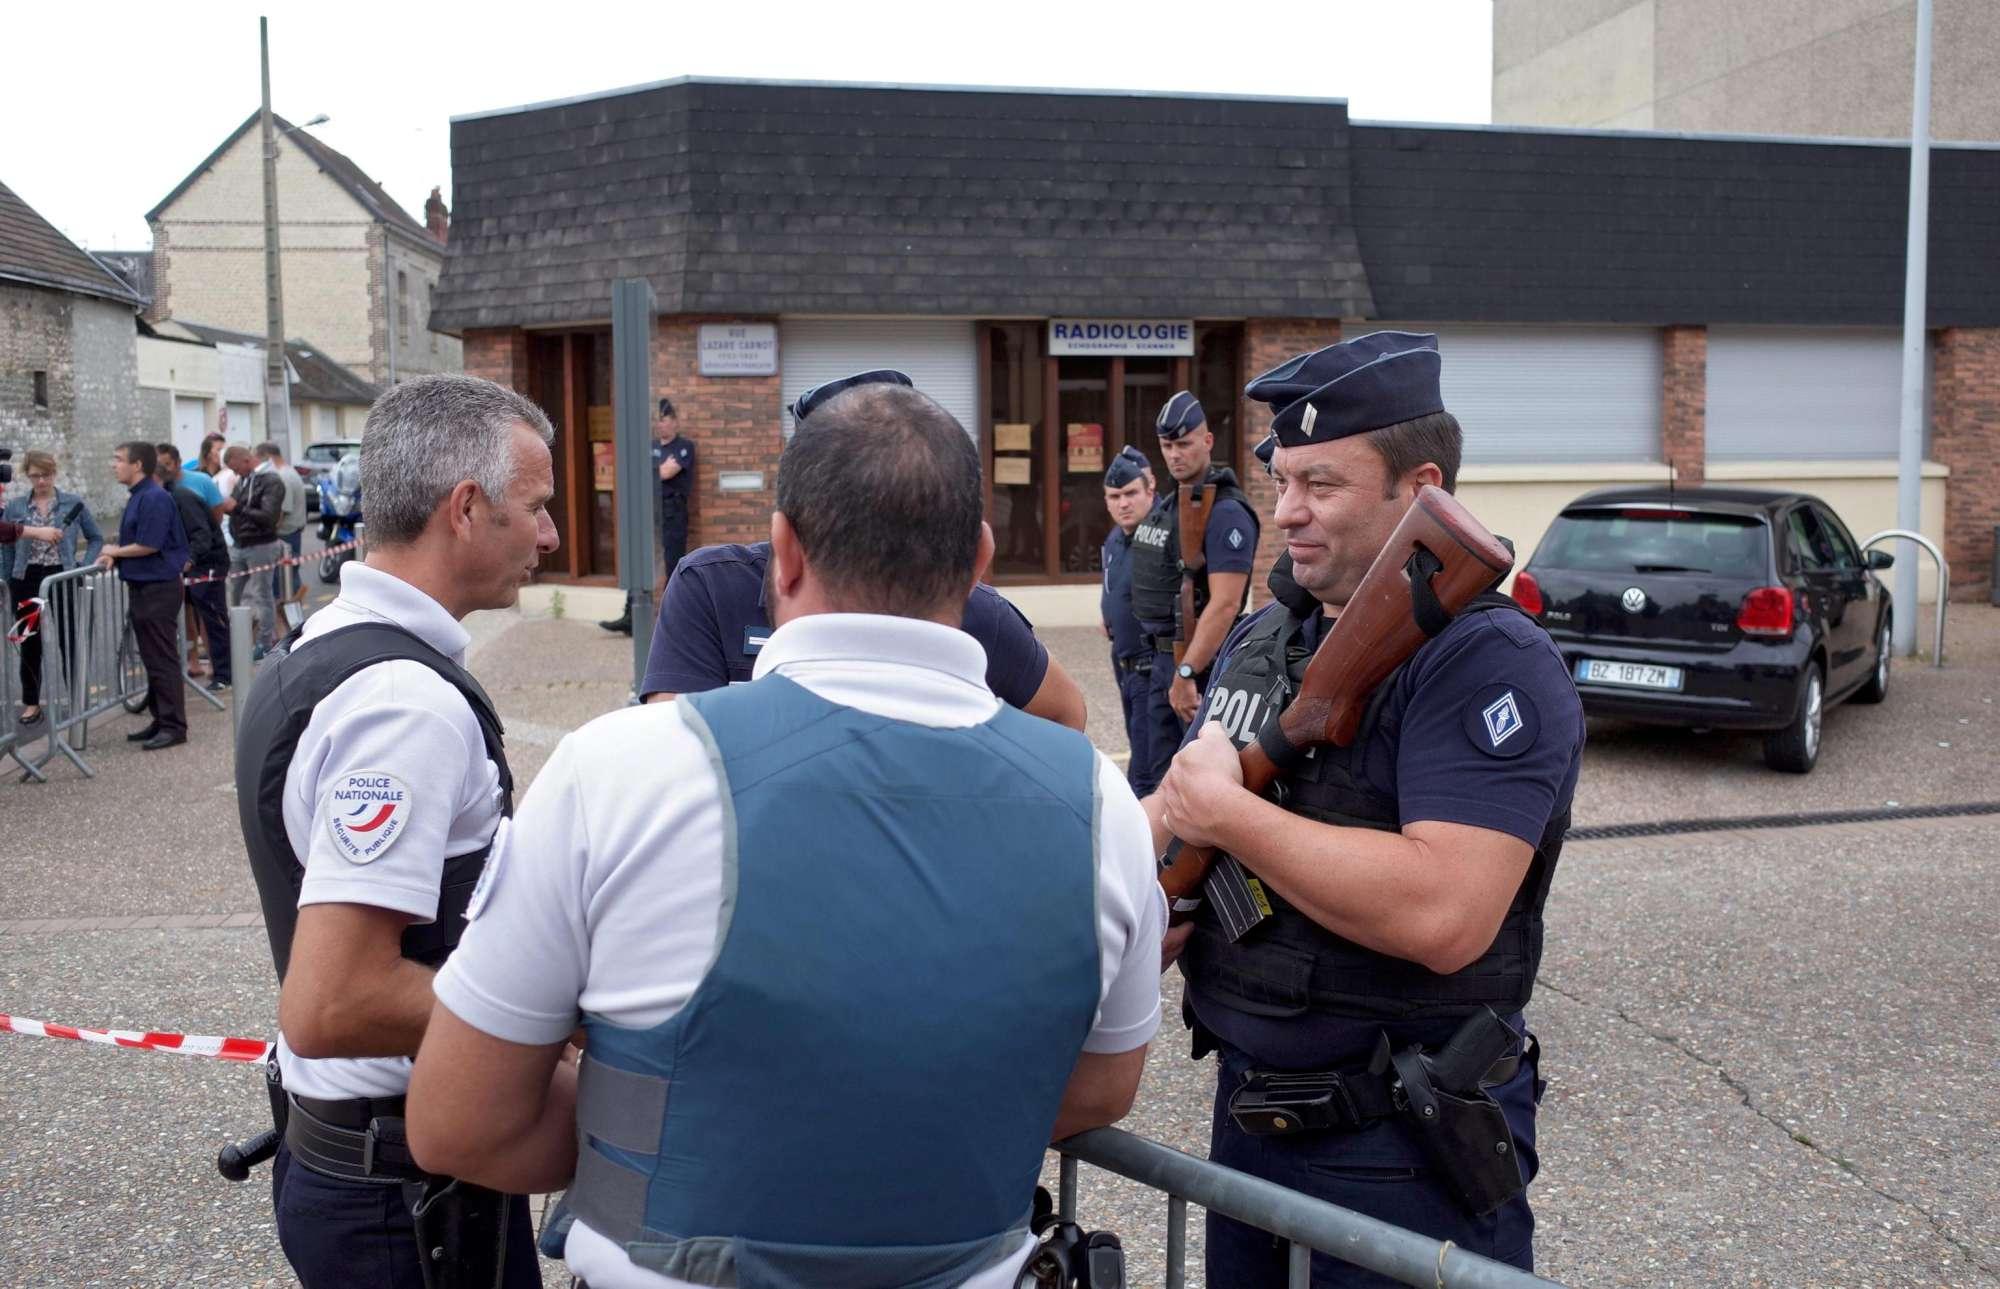 Assalto in chiesa in Francia: ucciso parroco, neutralizzati gli attentatori